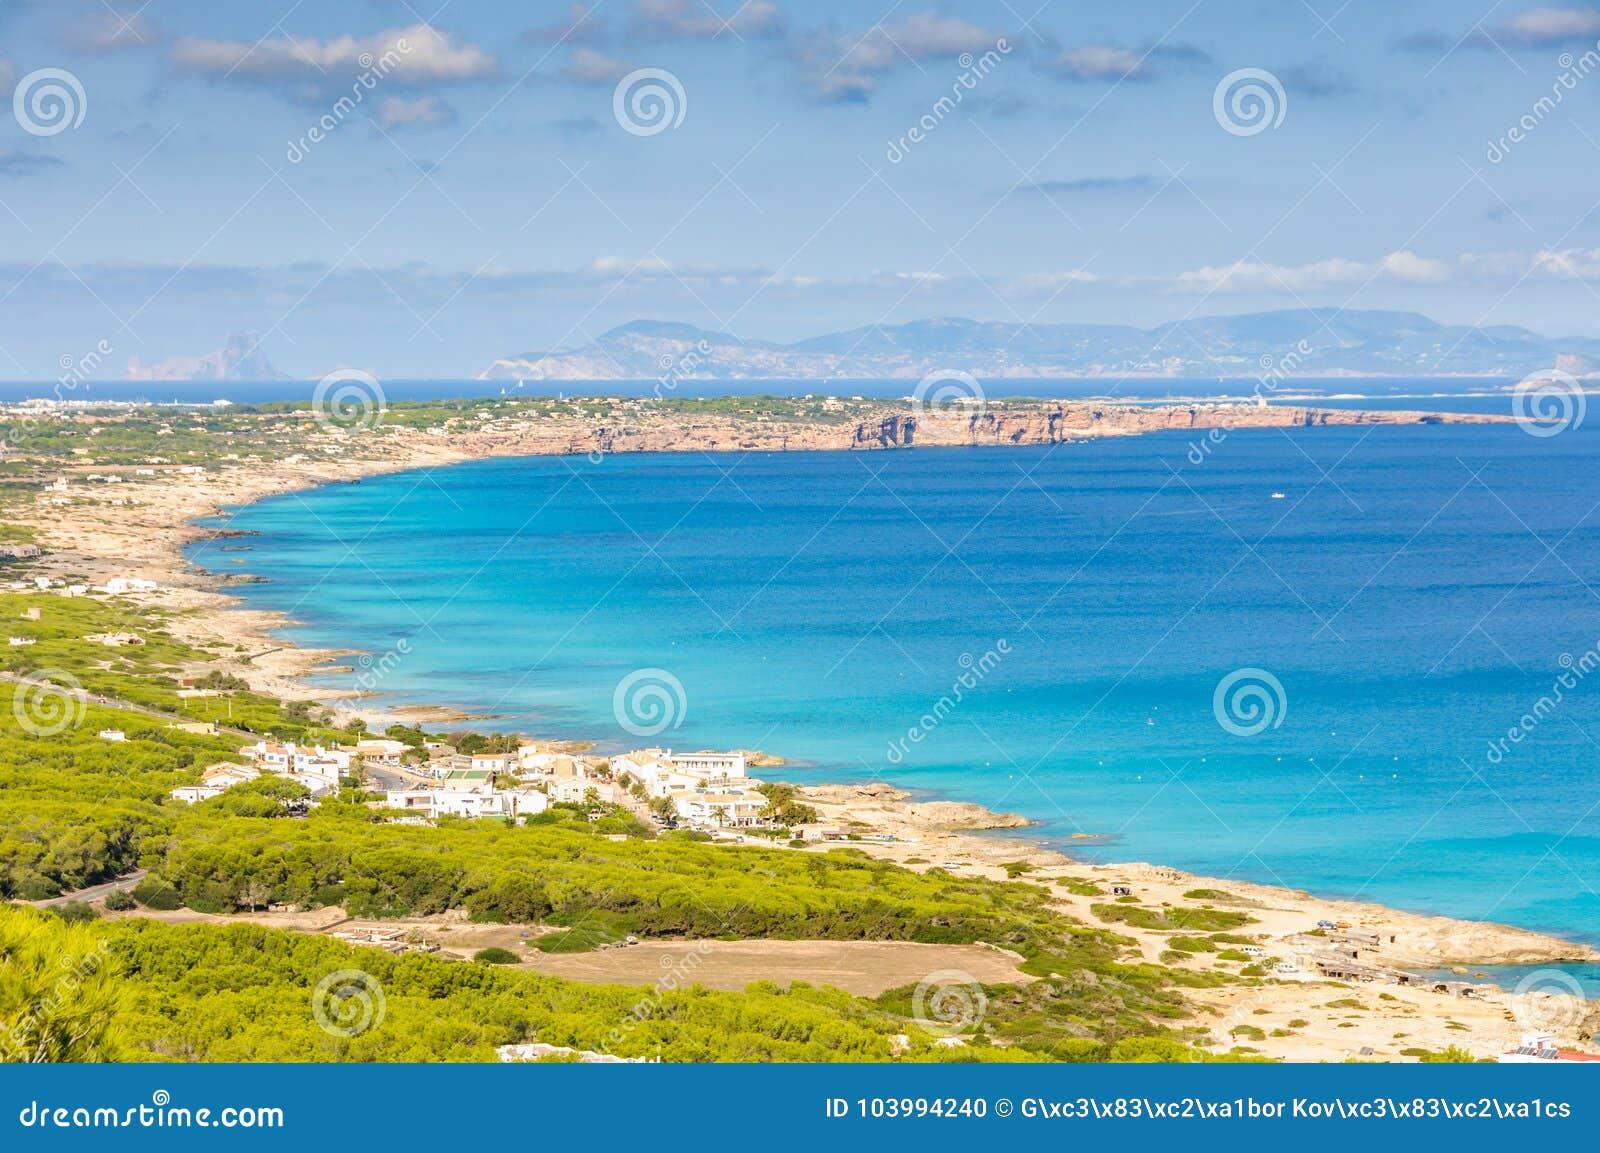 Vue aérienne des plages à Formentera, Espagne